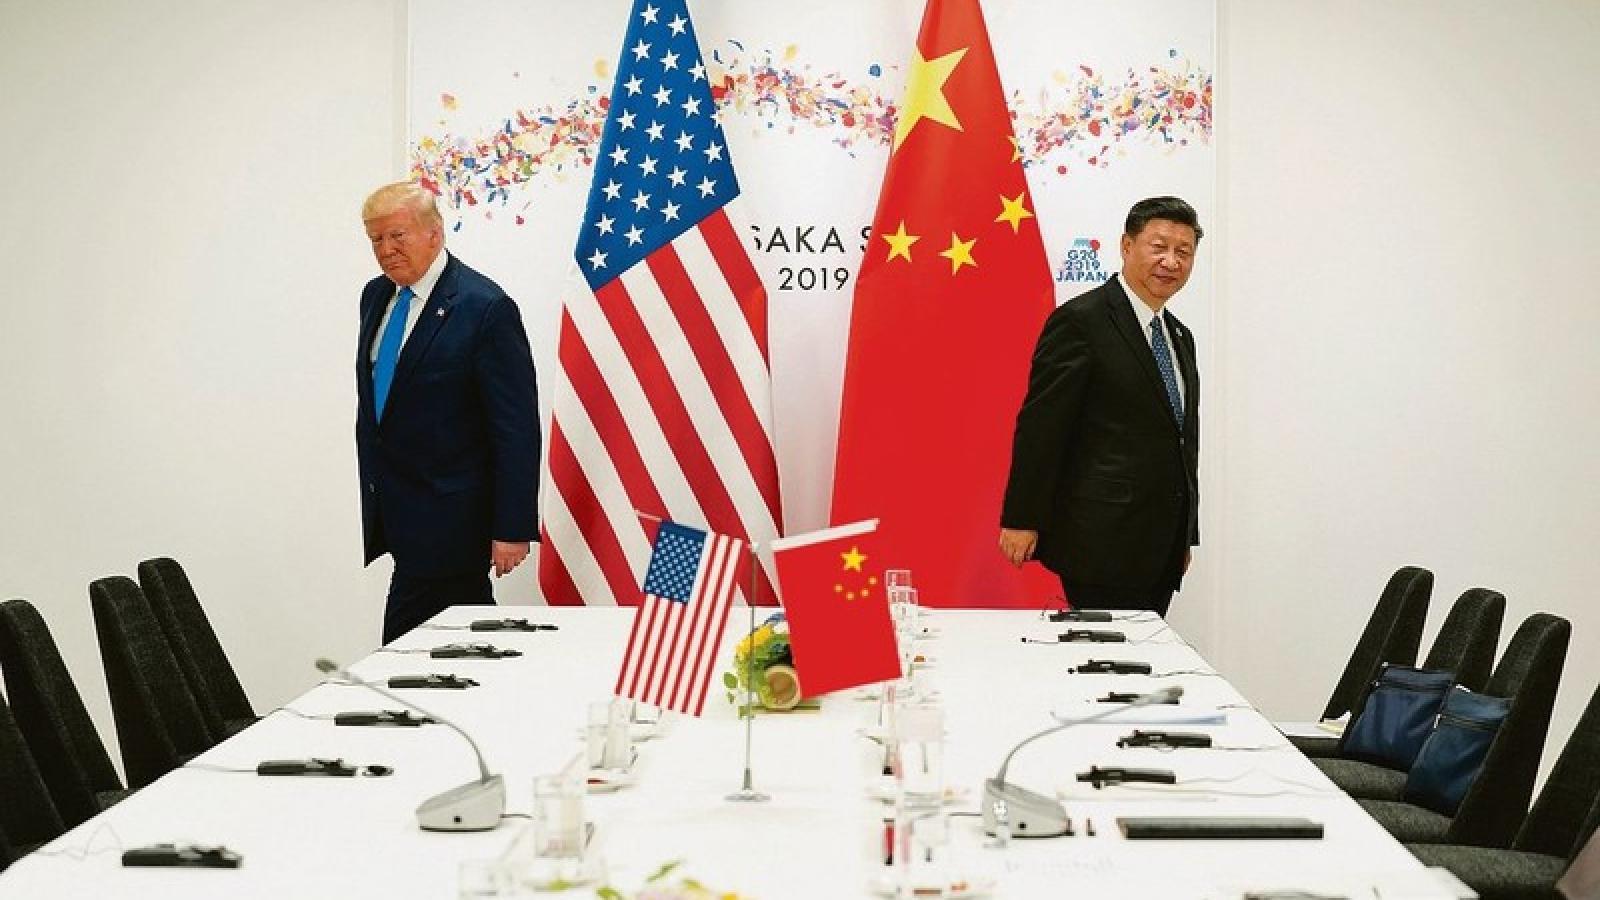 Covid-19 khiến cạnh tranh Mỹ-Trung Quốc trở nên khốc liệt hơn